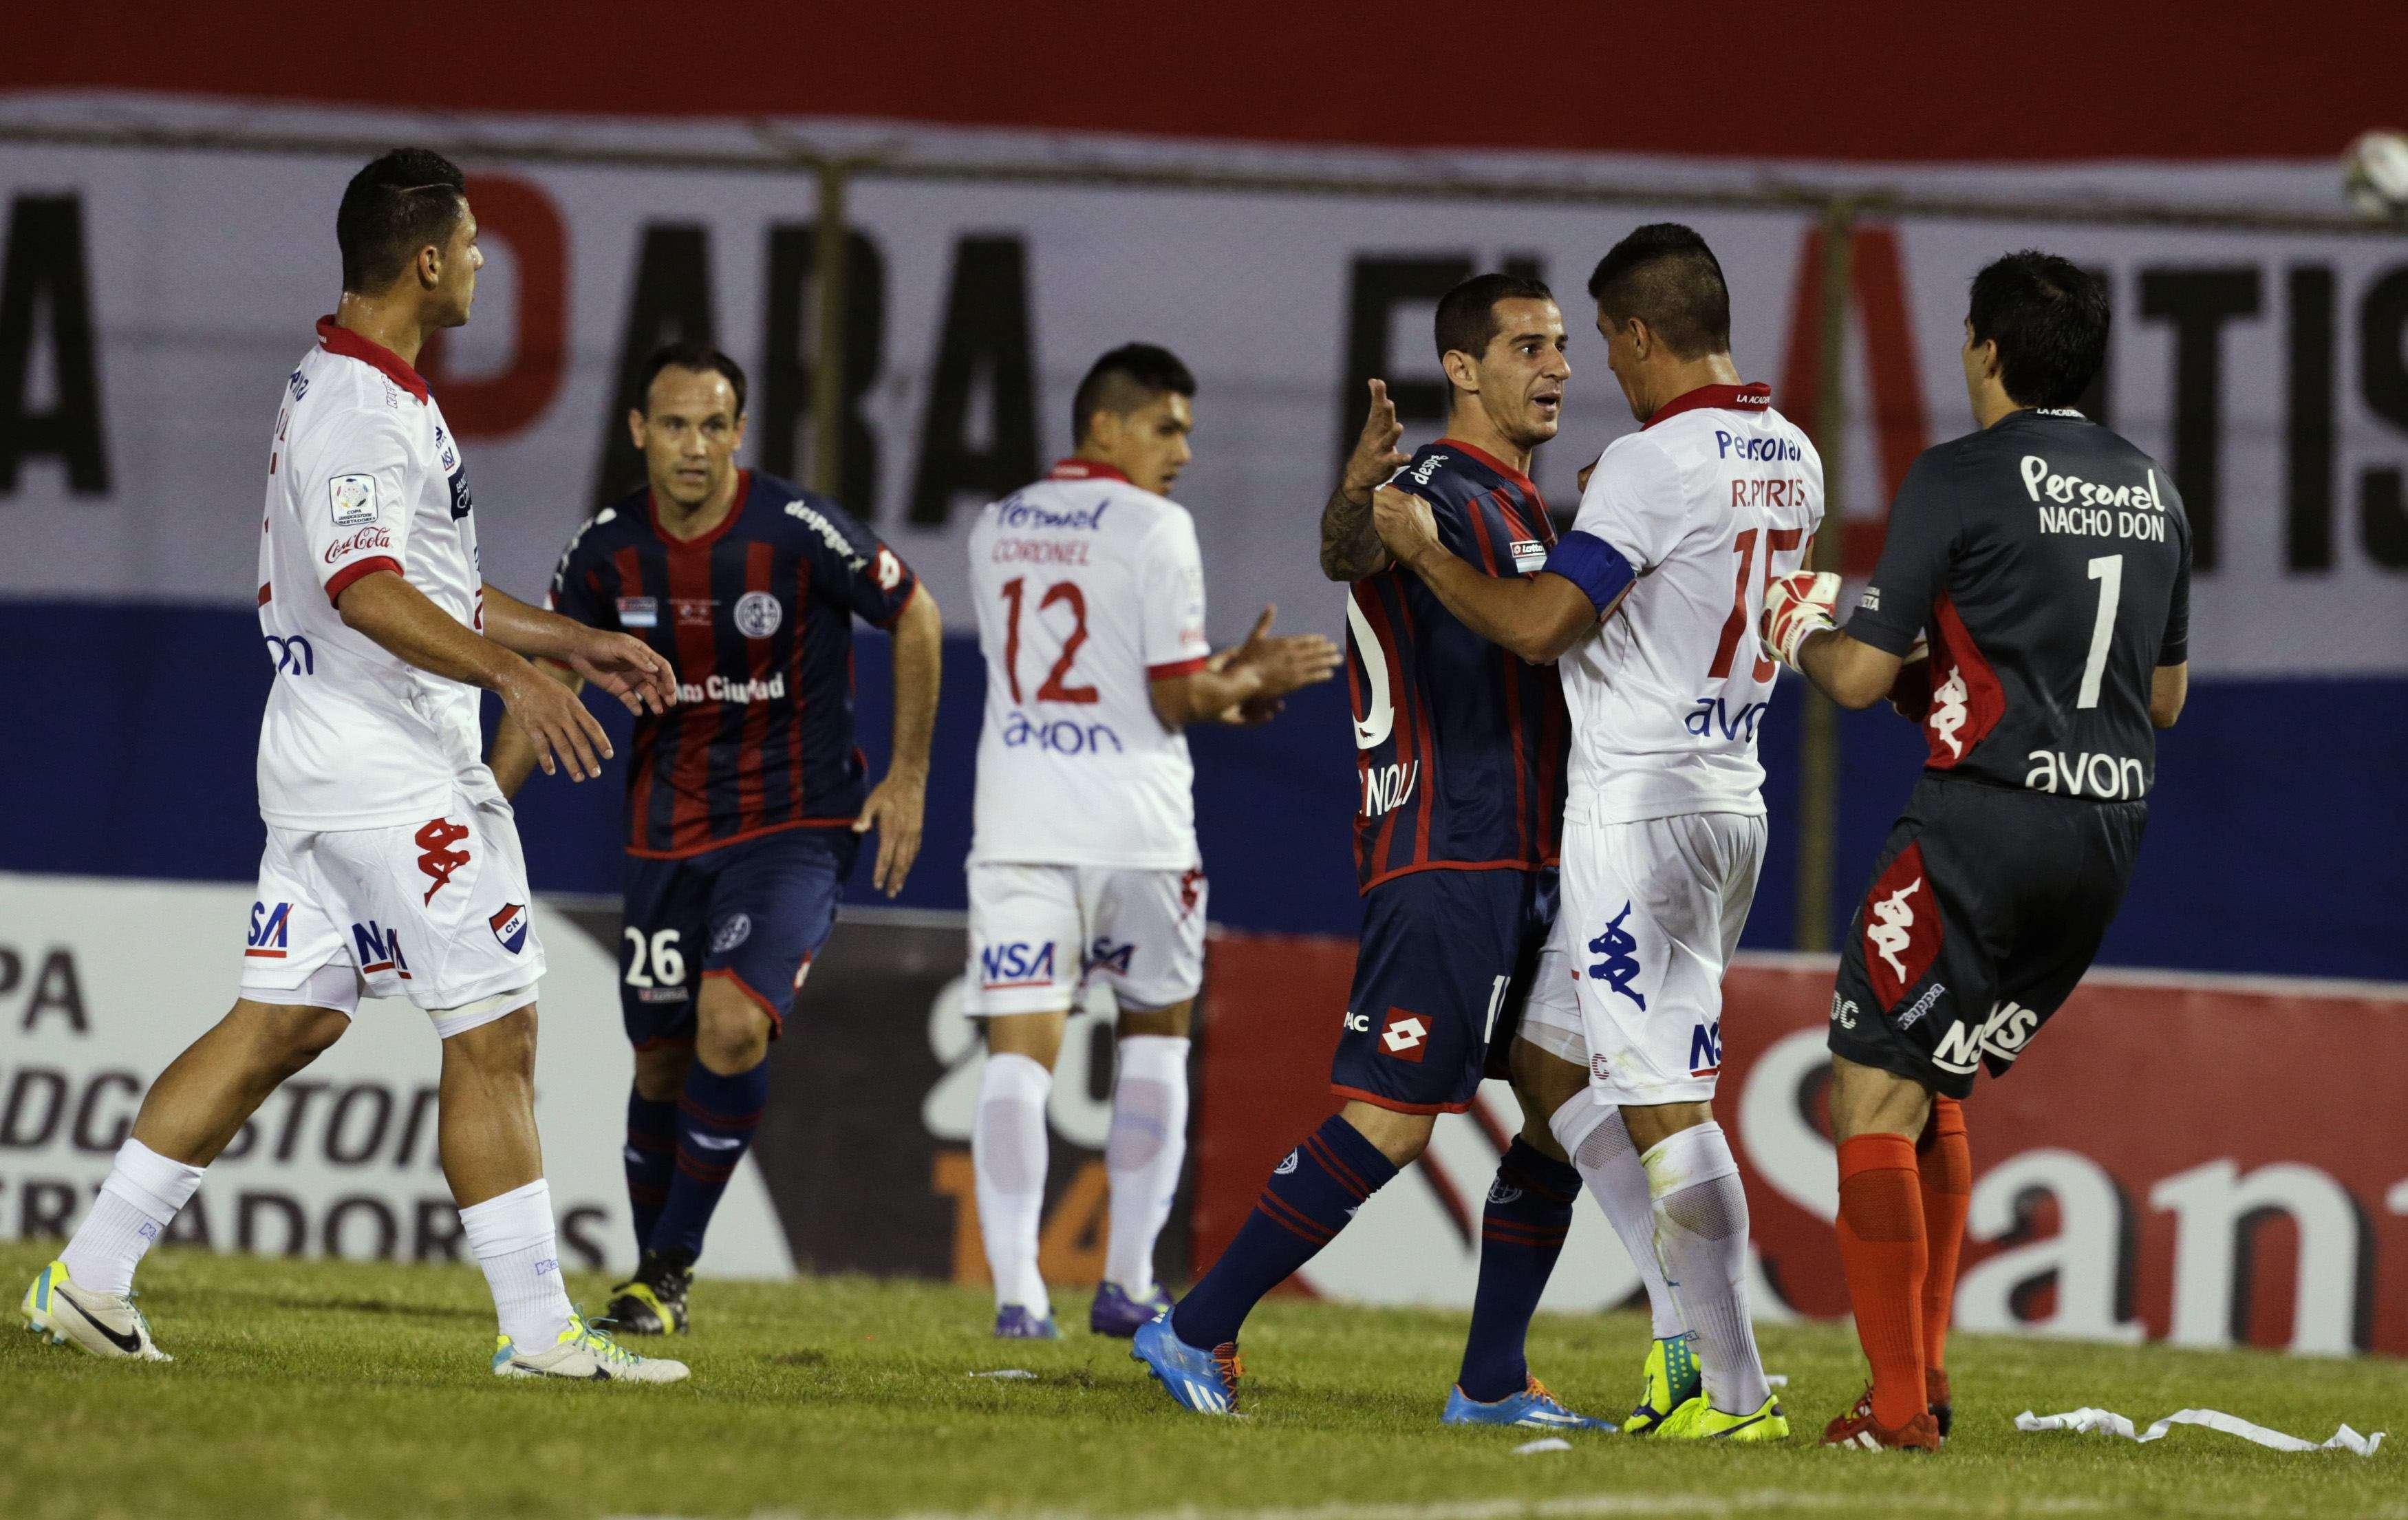 Jogadores de Nacional e San Lorenzo discutem durante a final da Libertadores Foto: Jorge Adorno/Reuters